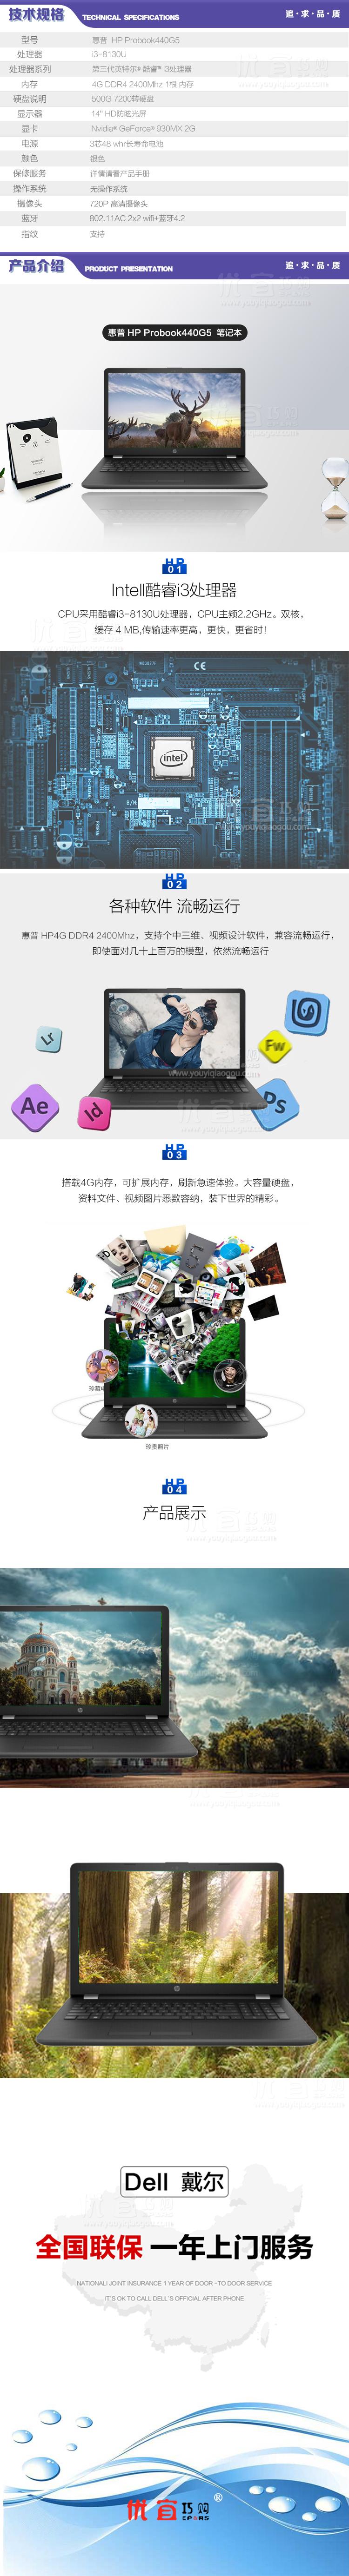 惠普 Probook440G5   I3-8130 笔记本 .jpg